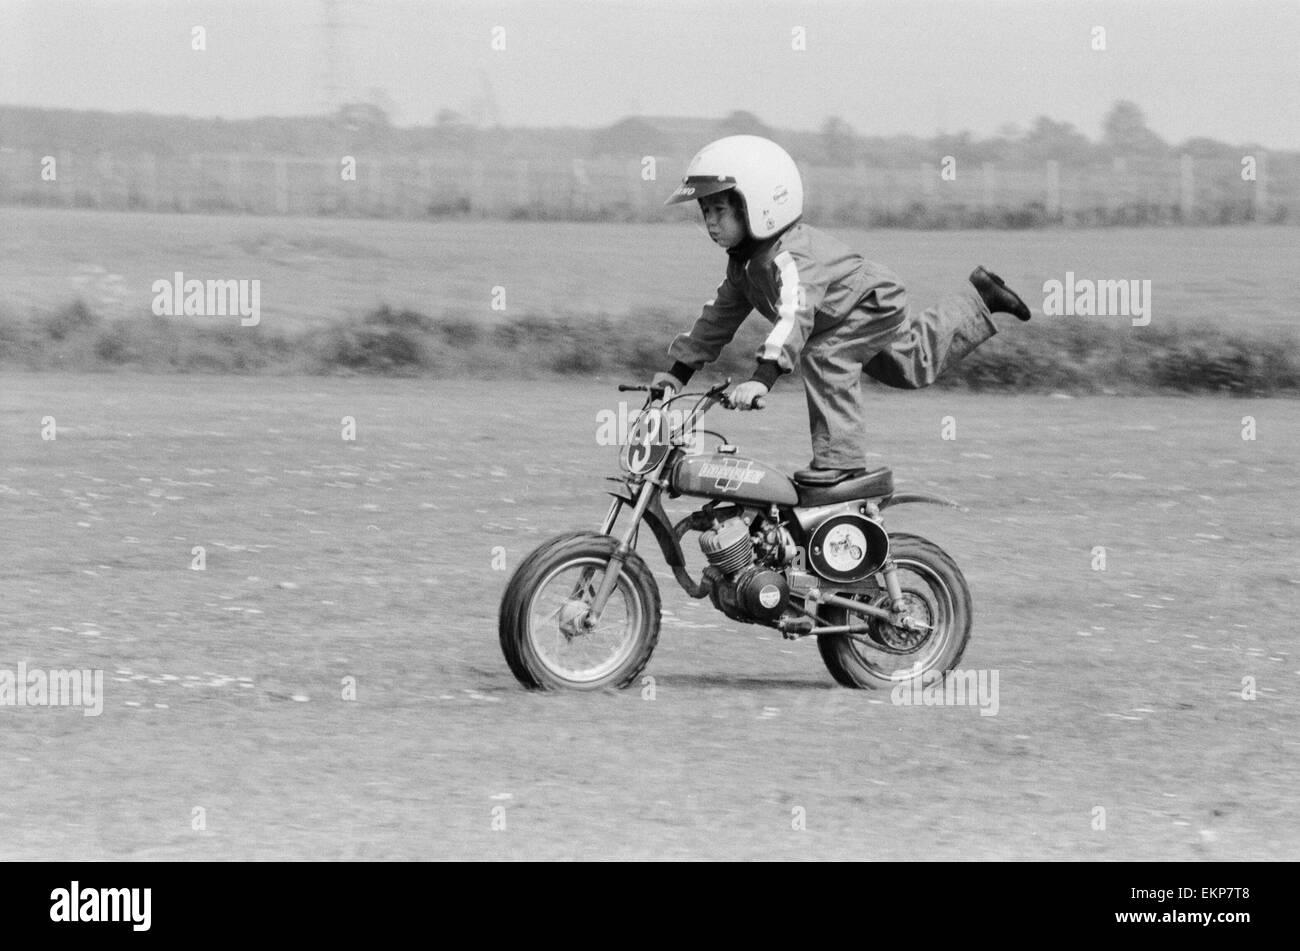 Quatre ans Jarno Barratt de Corby, Northamptonshire, exécute une cascade sur sa moto 50 cc Italjet. 10 juin 1979. Banque D'Images